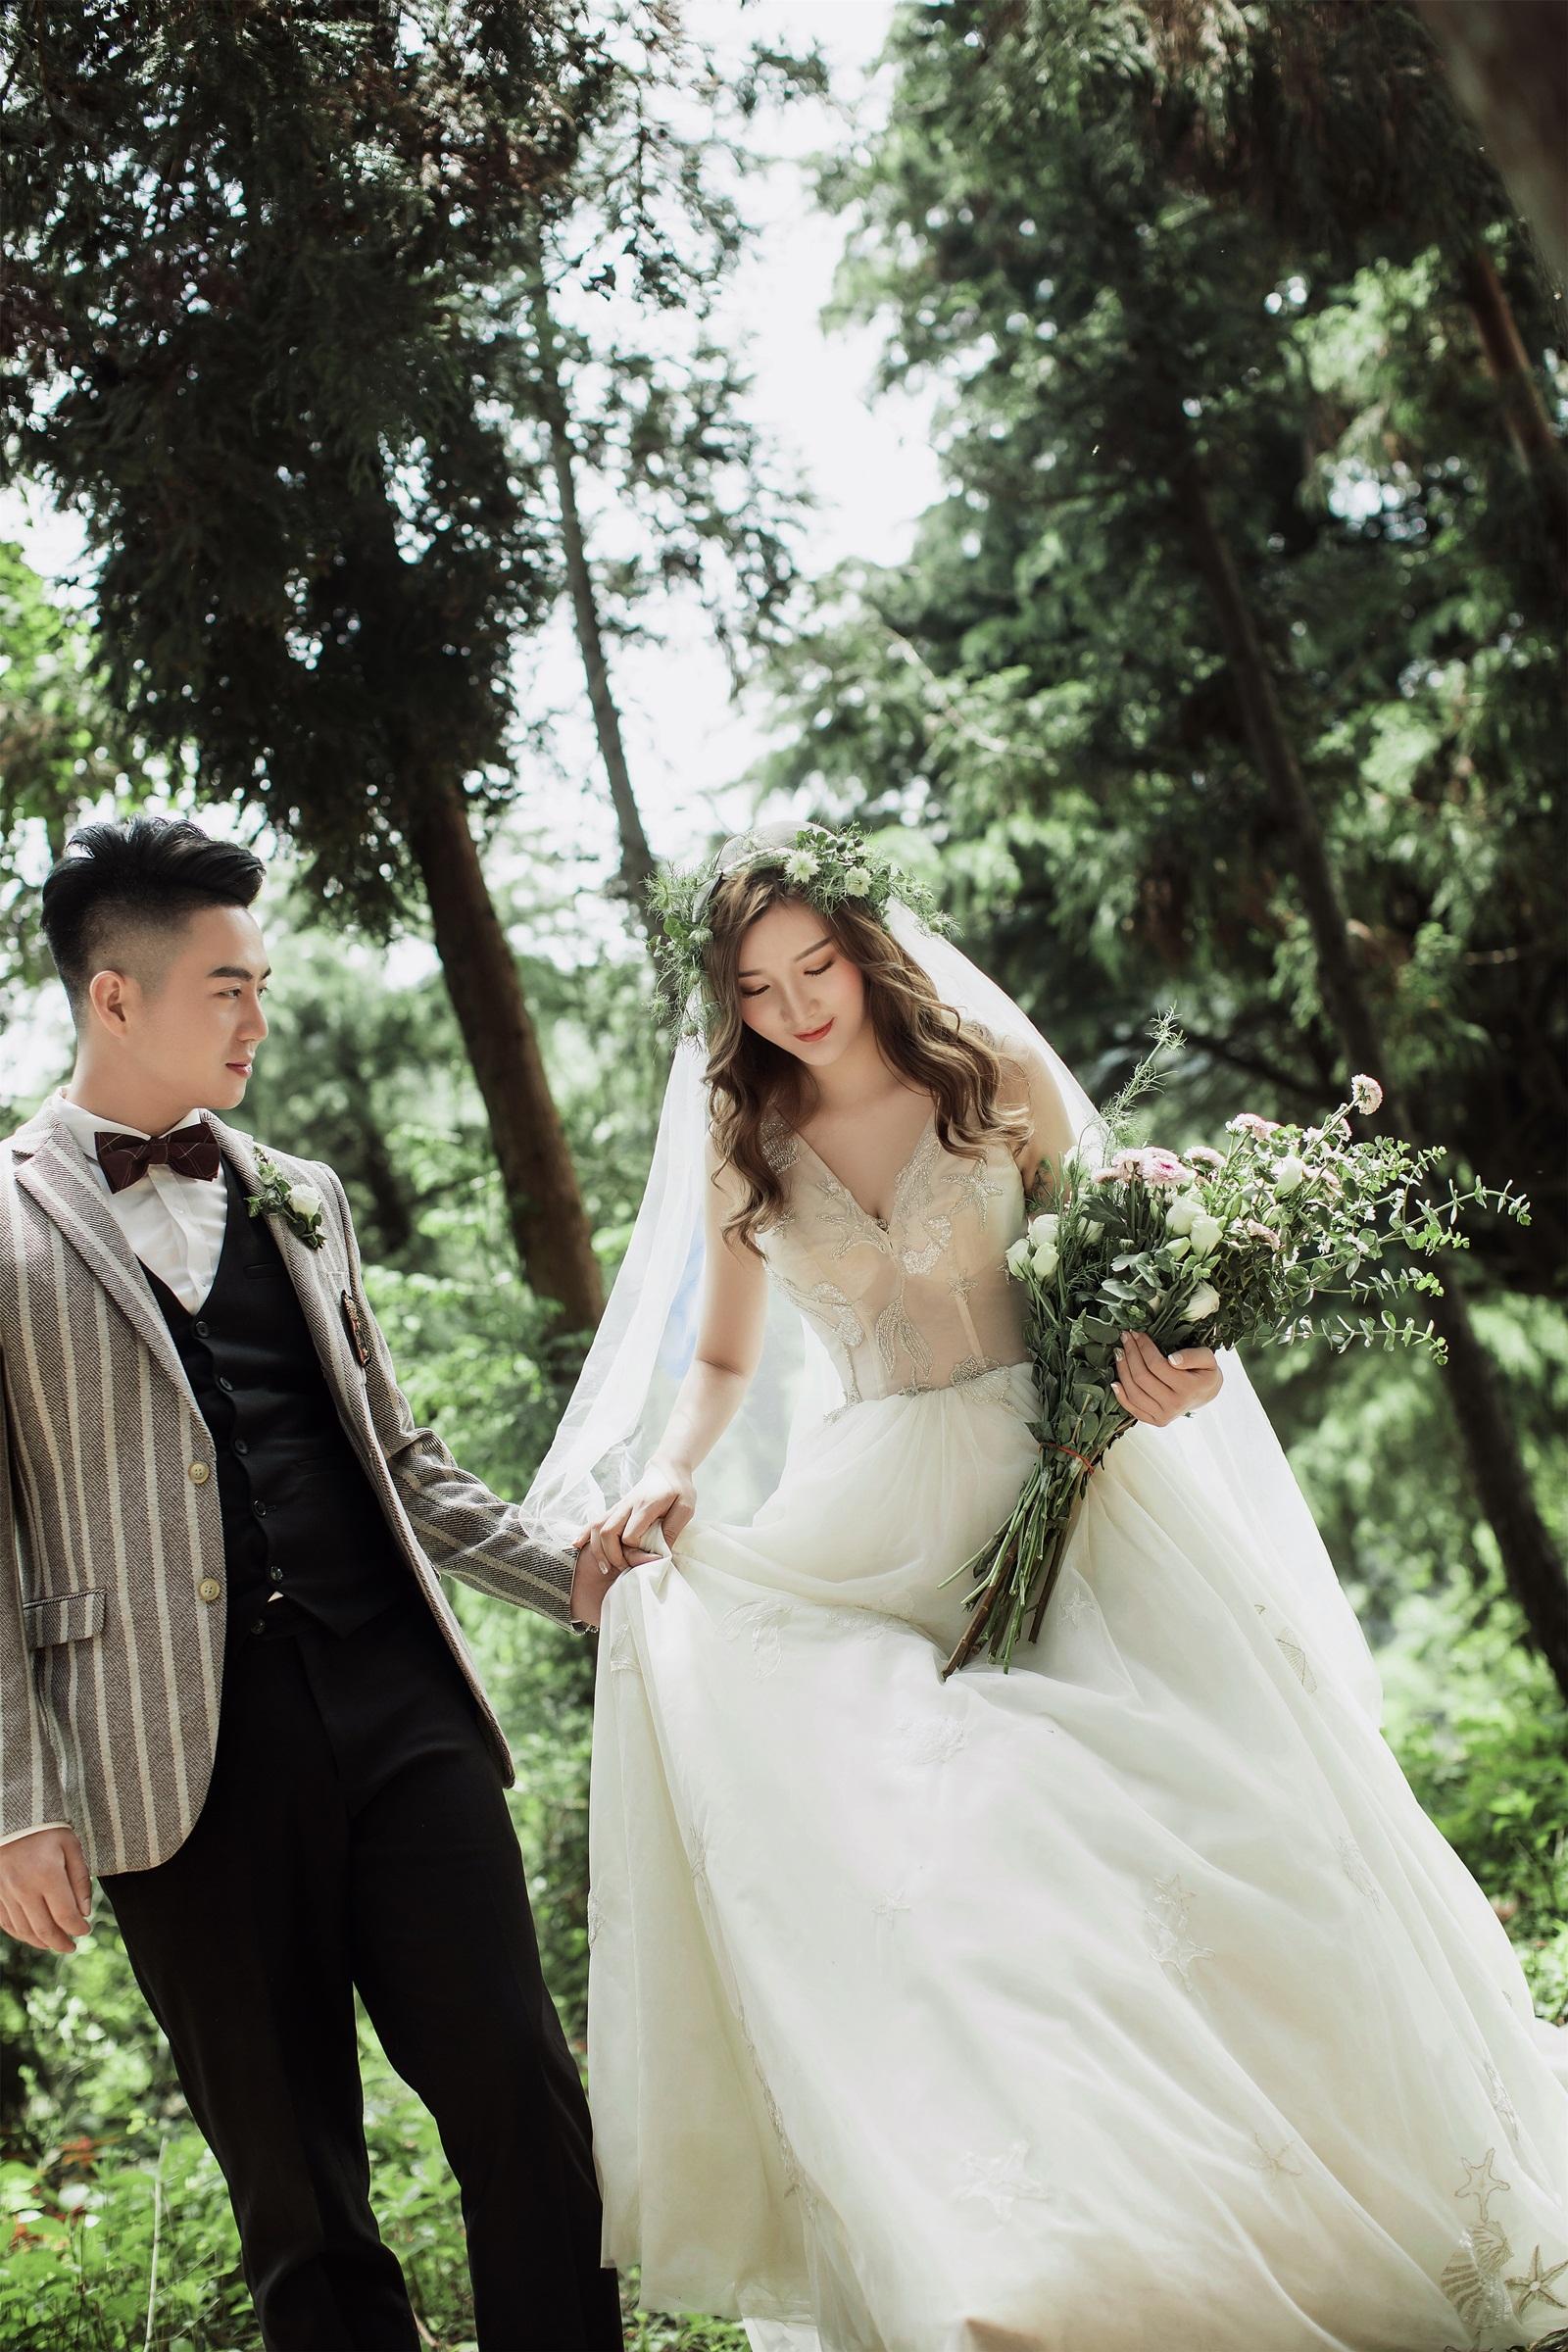 【十堰婚纱摄影】旅拍婚纱照:生活本就不易,努力做最真实的自己